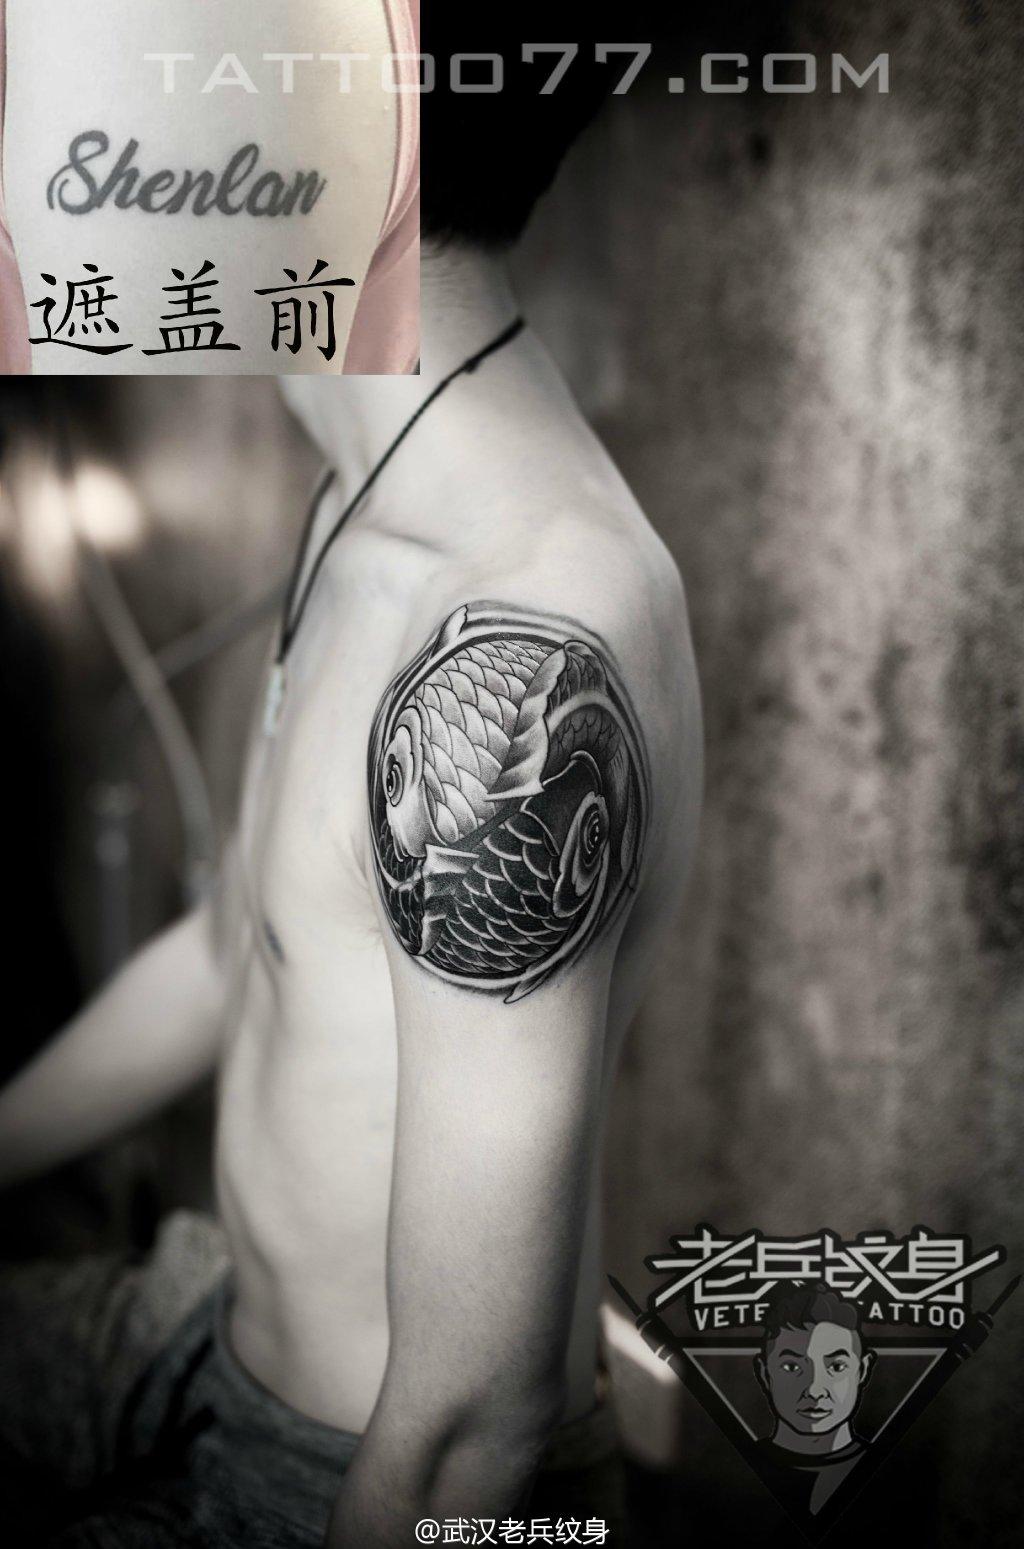 大臂双鱼纹身图案作品图片